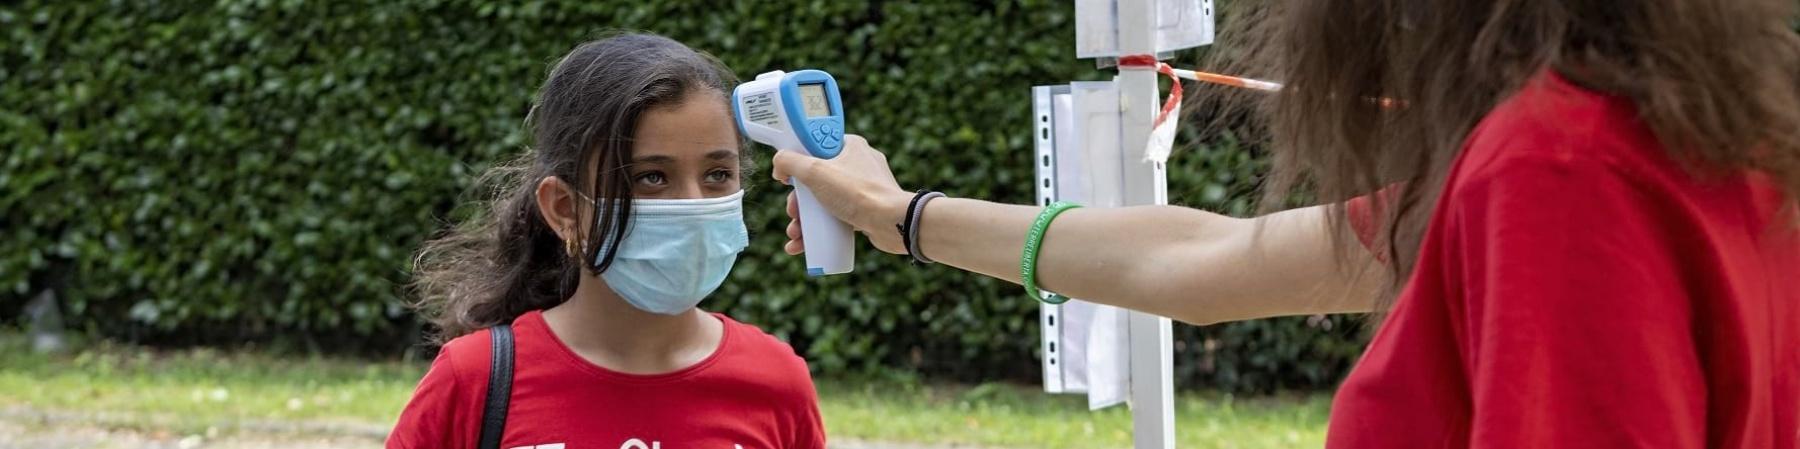 una operatrice misura la febbre con il termo scanner a una bambina con la mascherina chirurgica